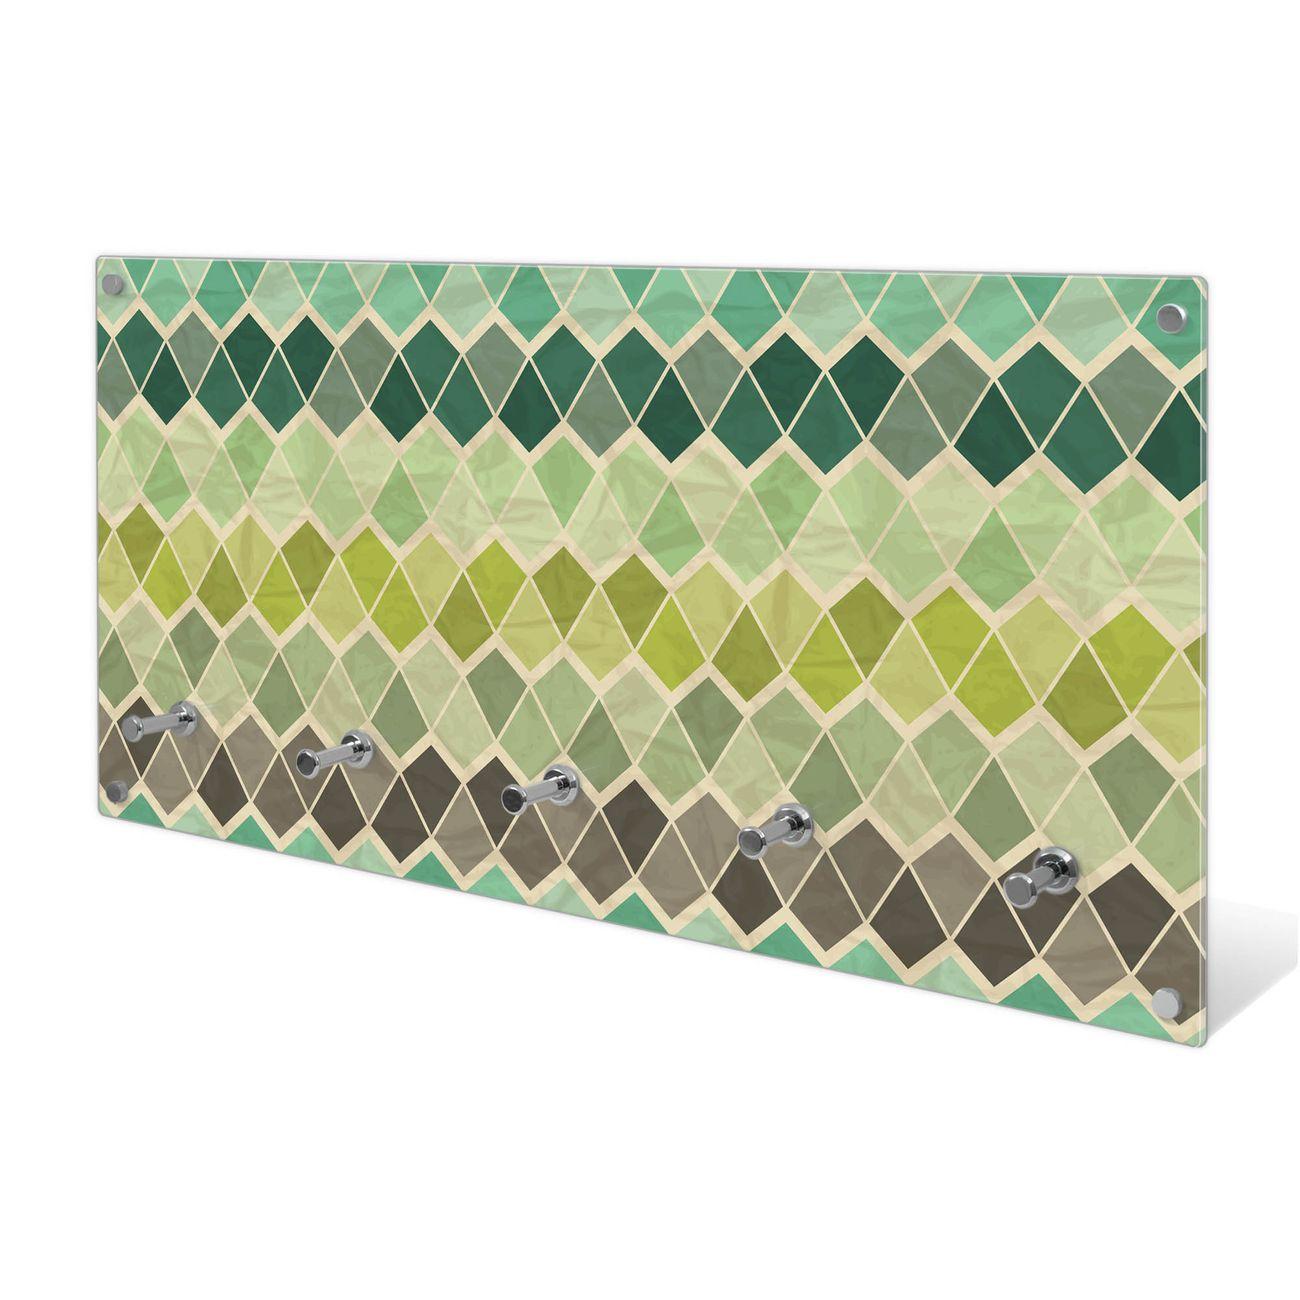 Garderobe aus Glas Motiv Vier Farben Grün